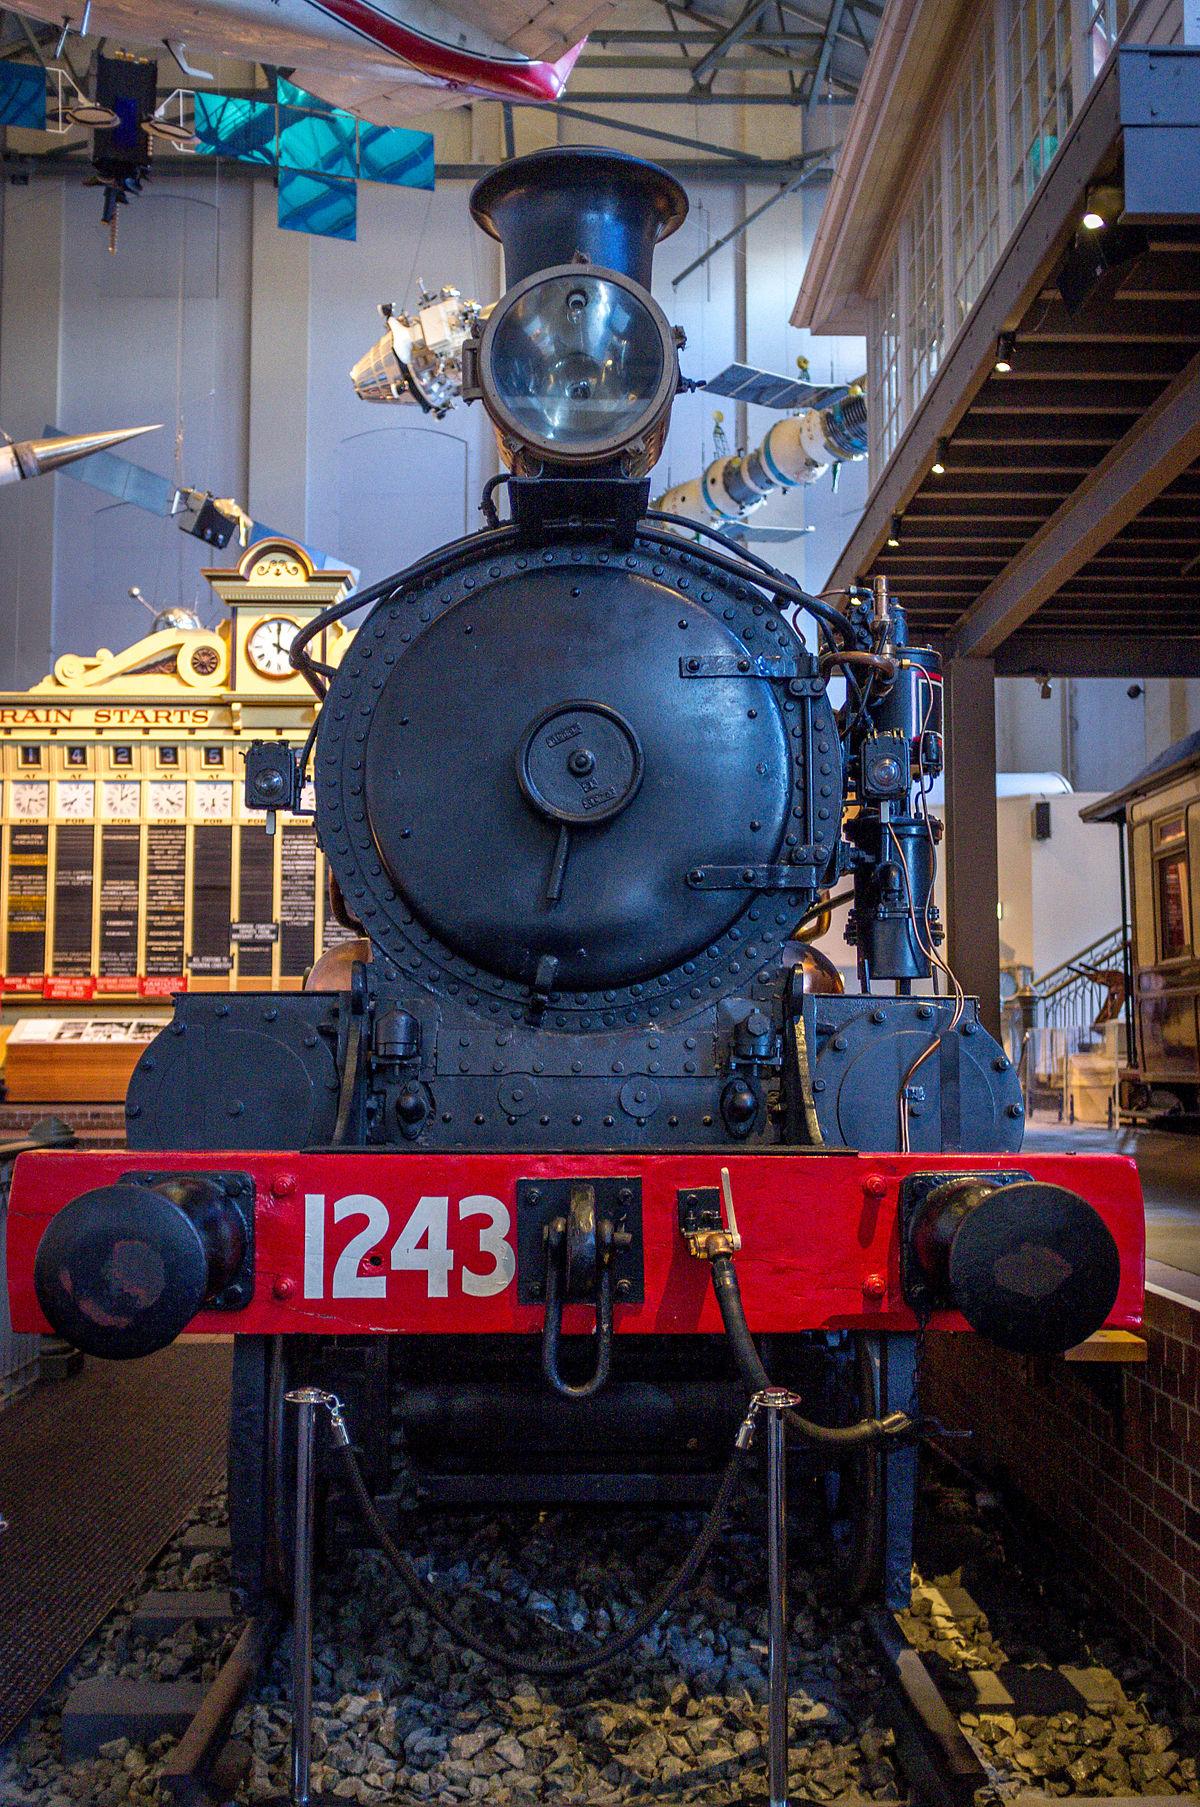 Z1243 - Wikipedia